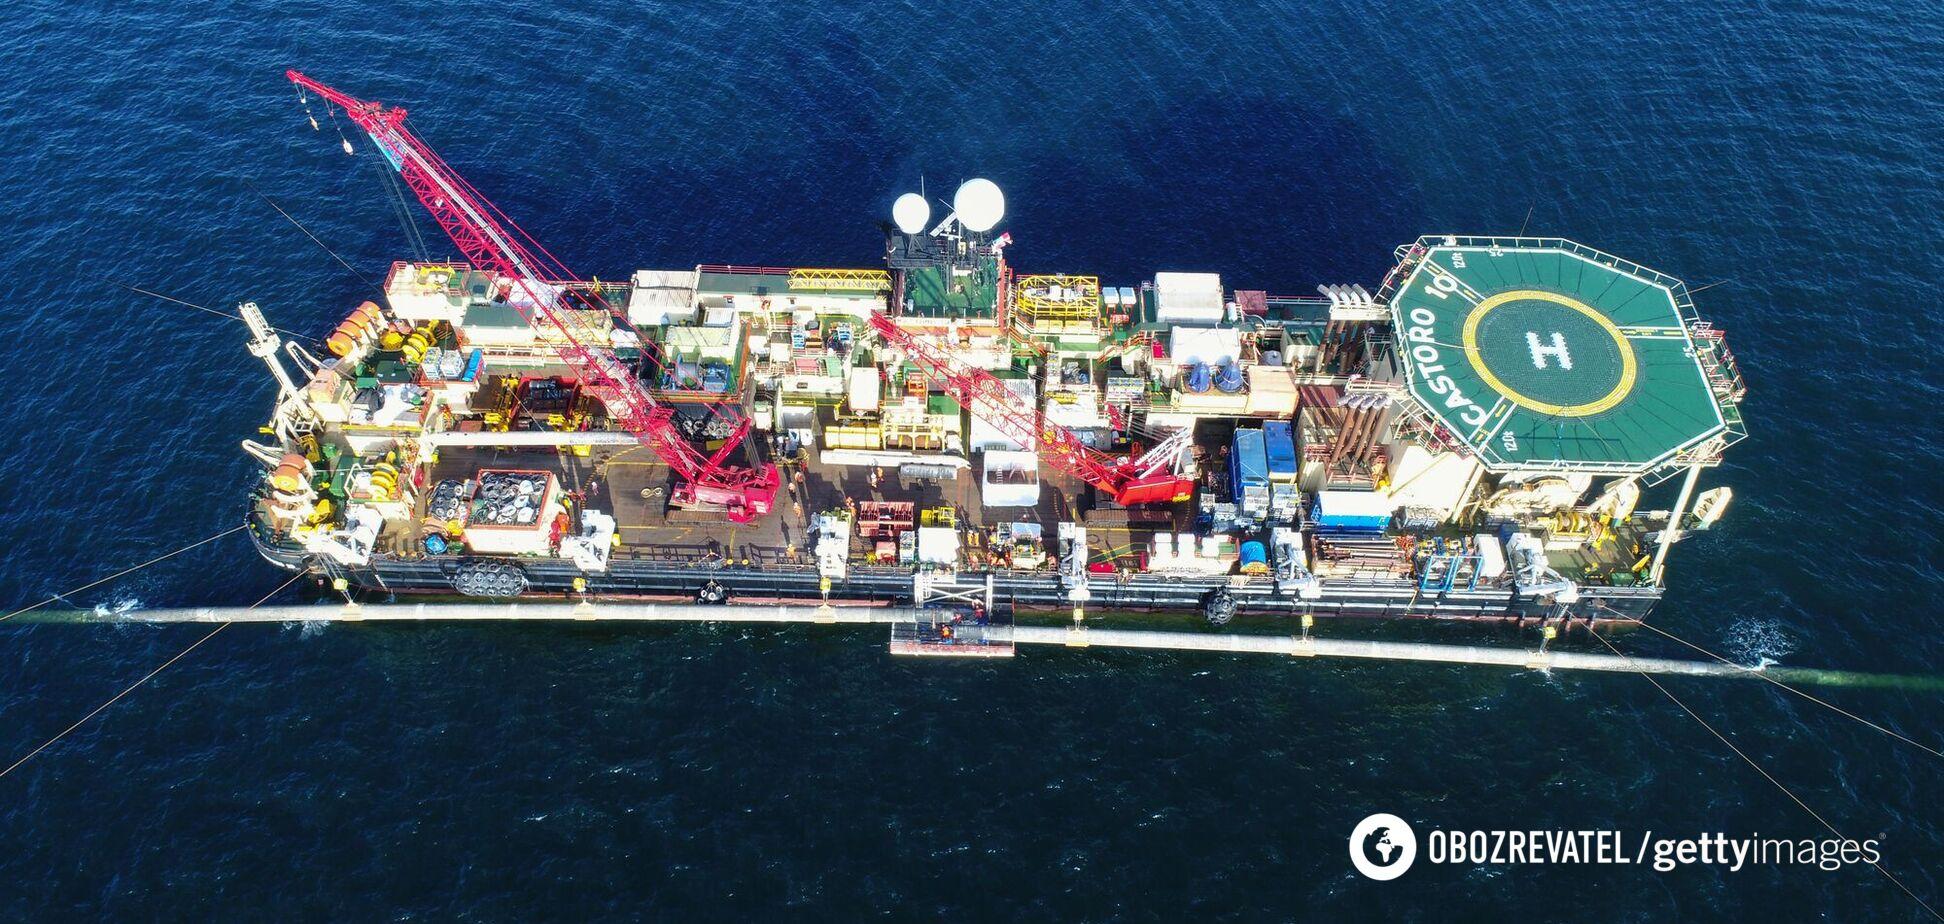 'Северный поток-2' достроить не смогут, все работы заблокируют, – уполномоченный 'Нафтогаза'